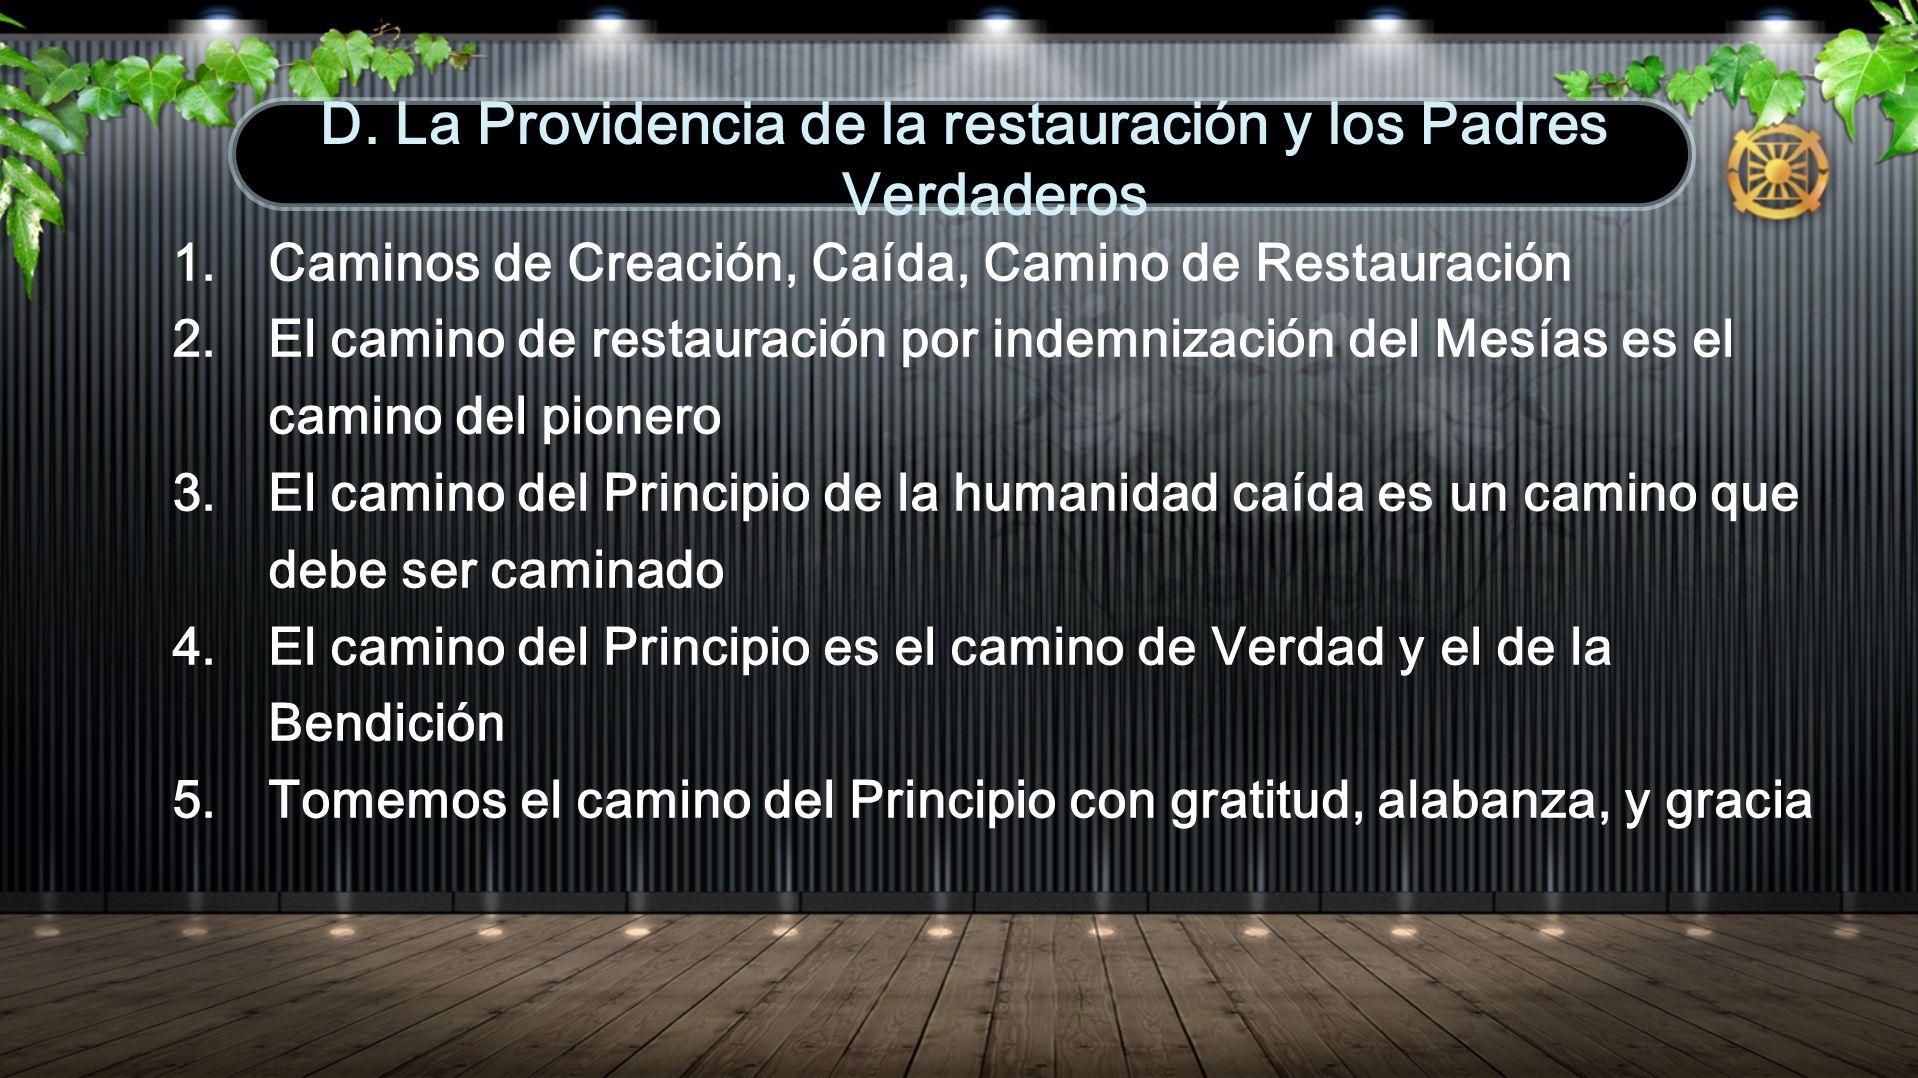 D. La Providencia de la restauración y los Padres Verdaderos